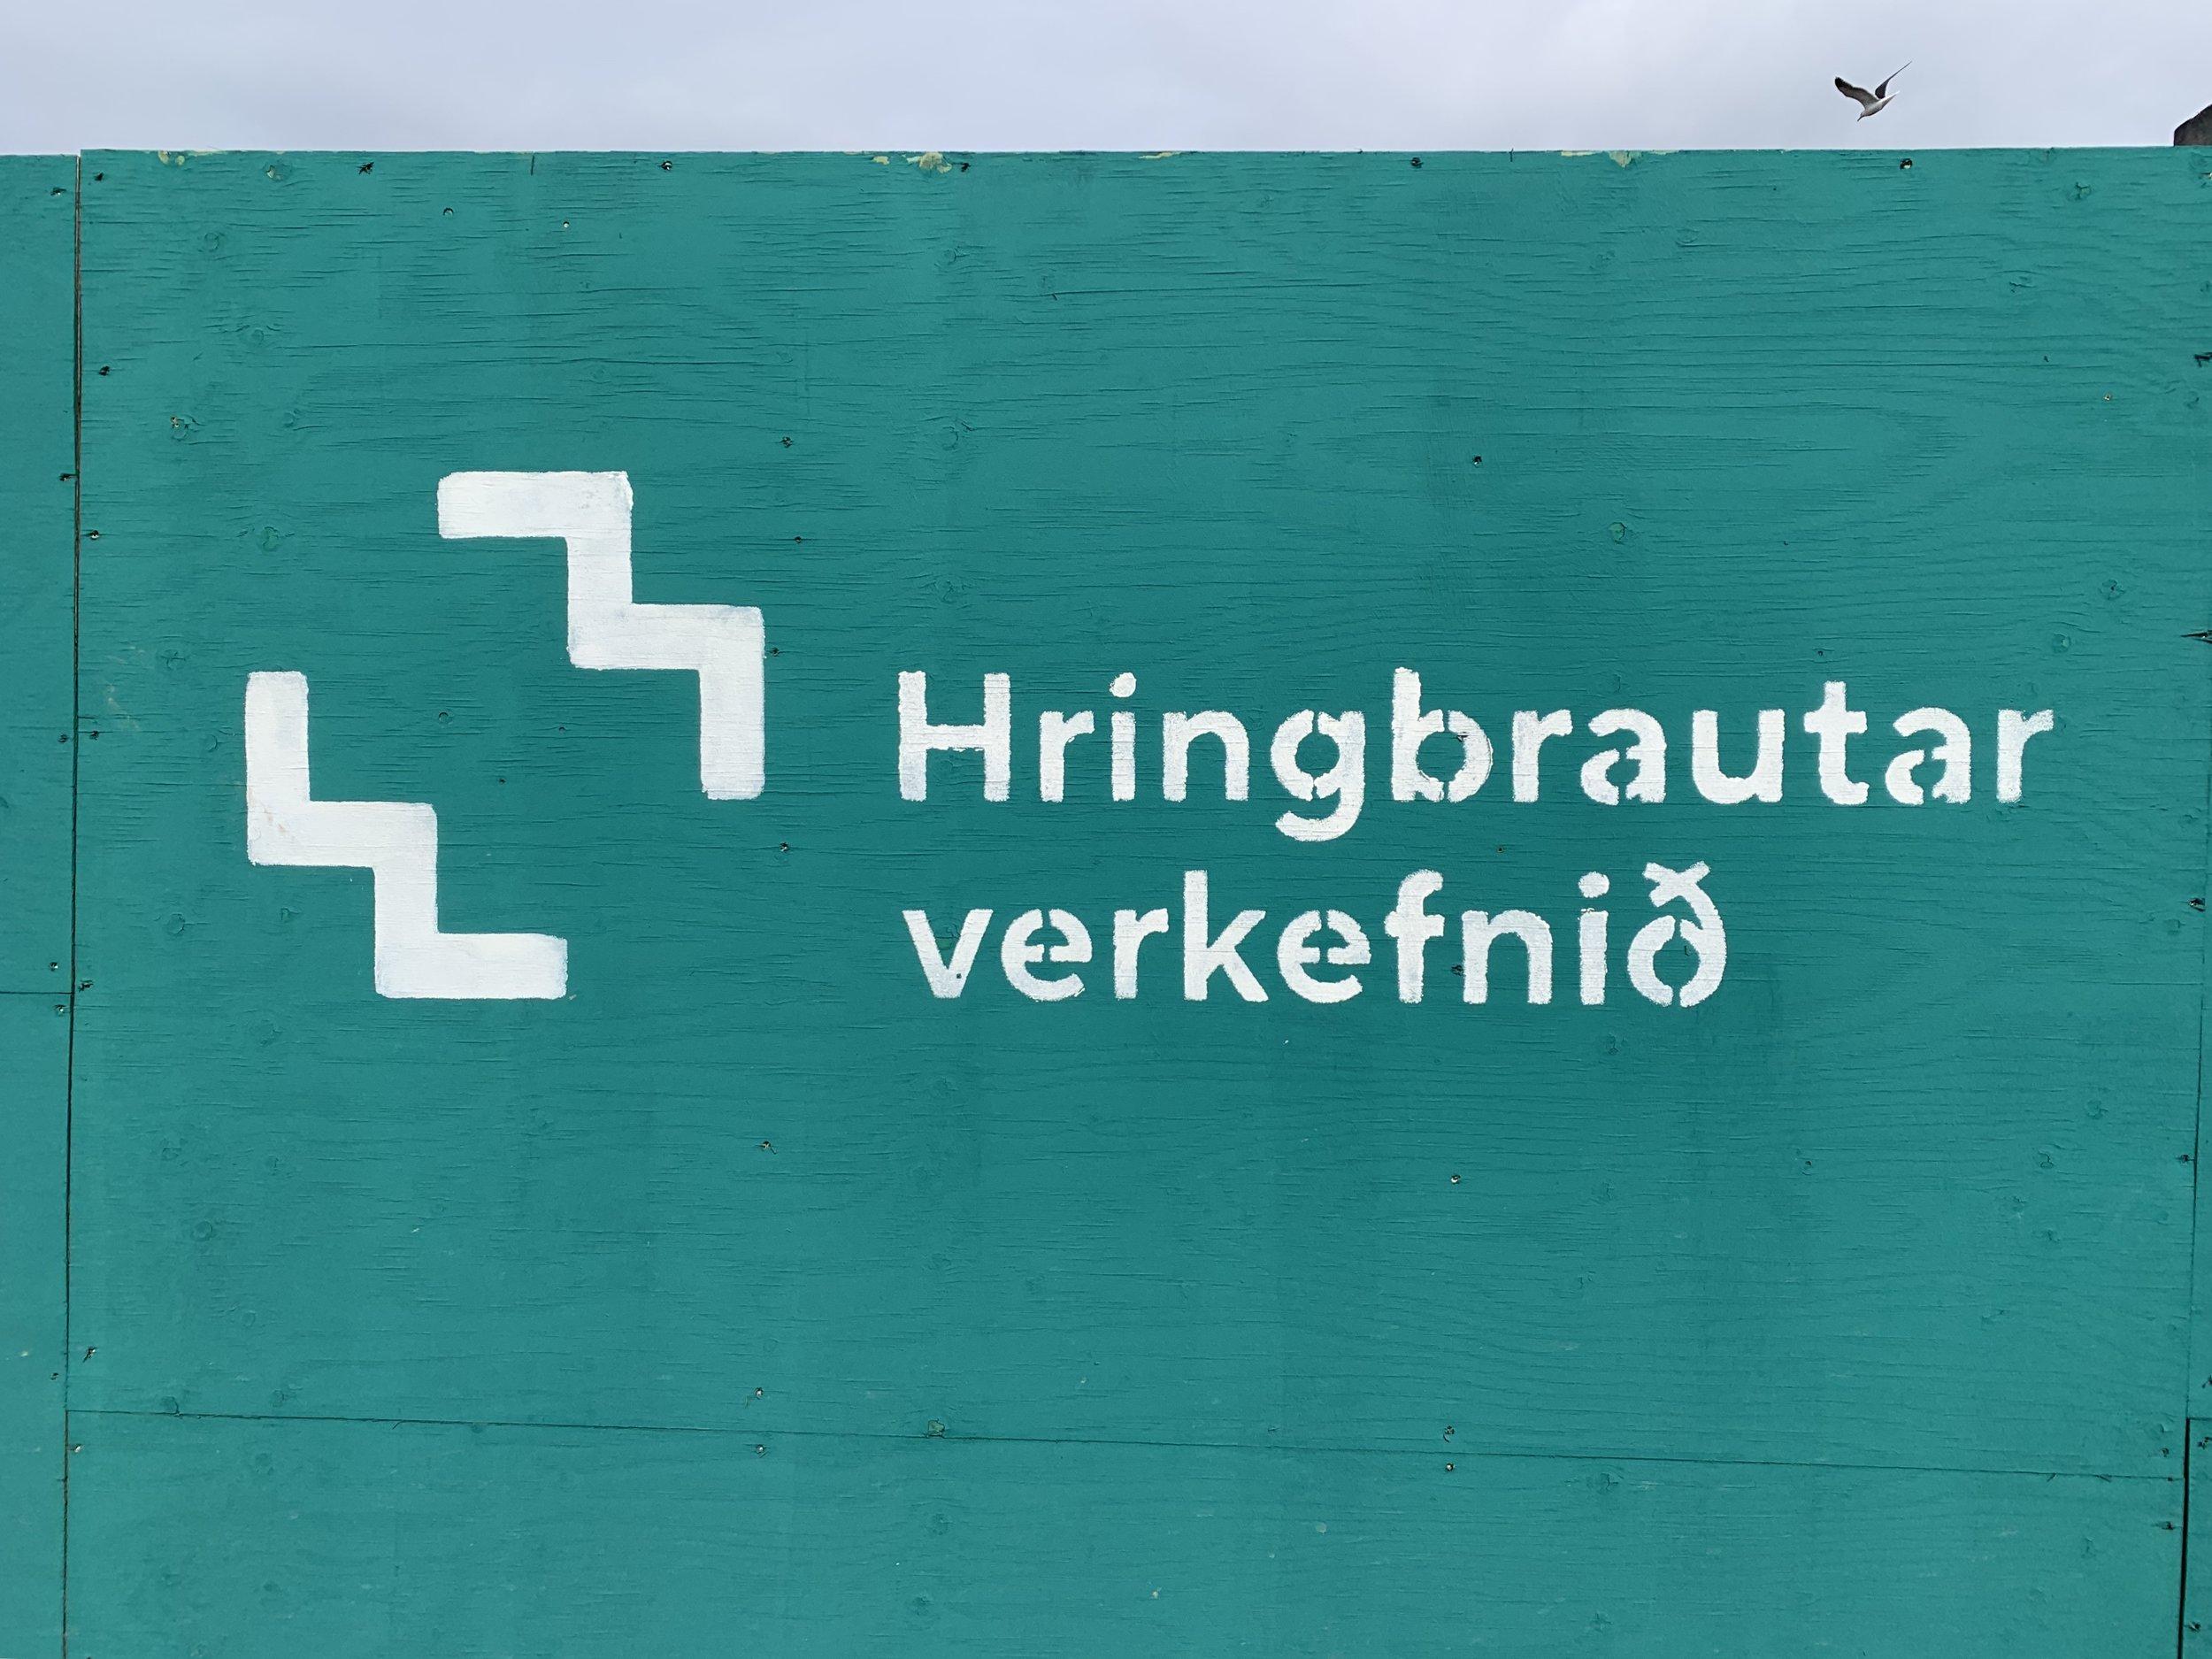 Hringbrautarverkefnið logo - þekki ekki hönnuðinn.